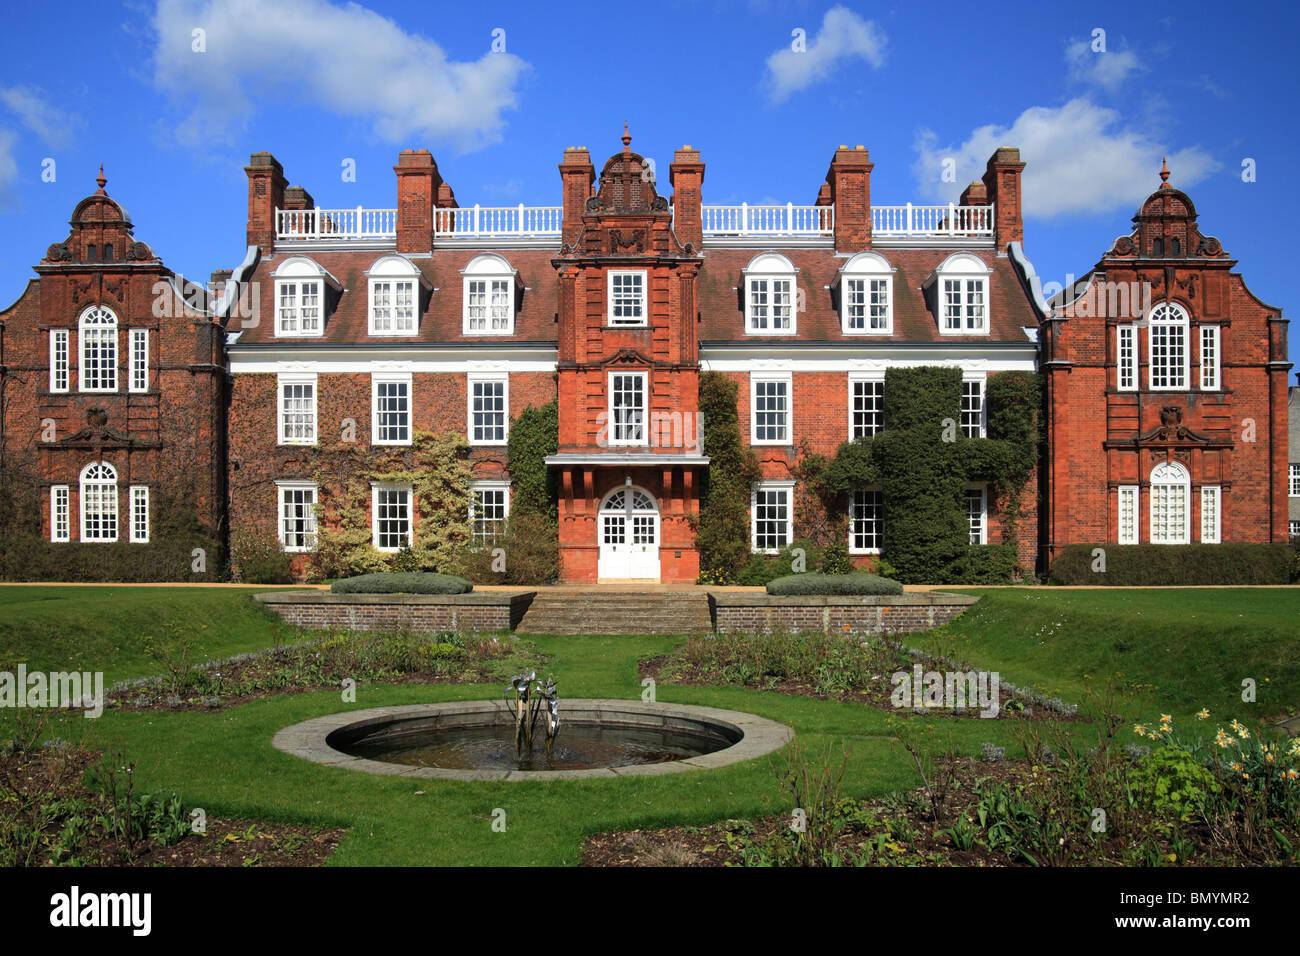 Newnham College, Cambridge University. - Stock Image